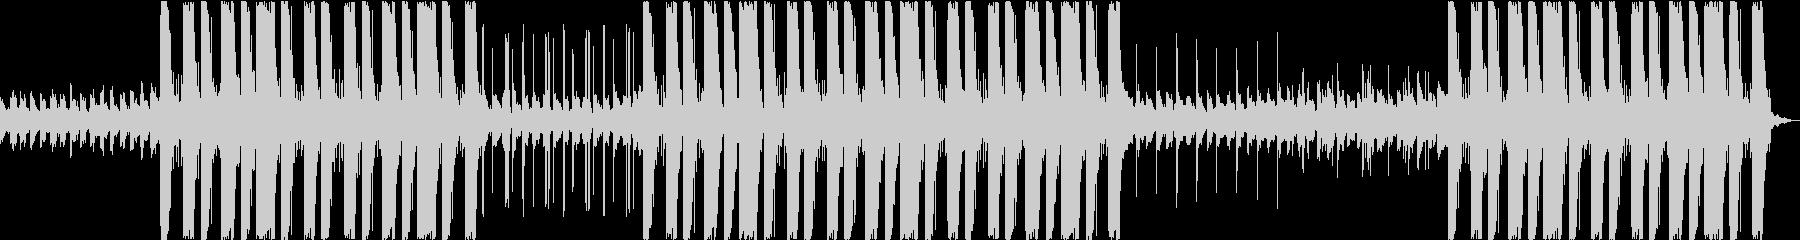 夜・月・トラップ・ヒップホップ・低音の未再生の波形